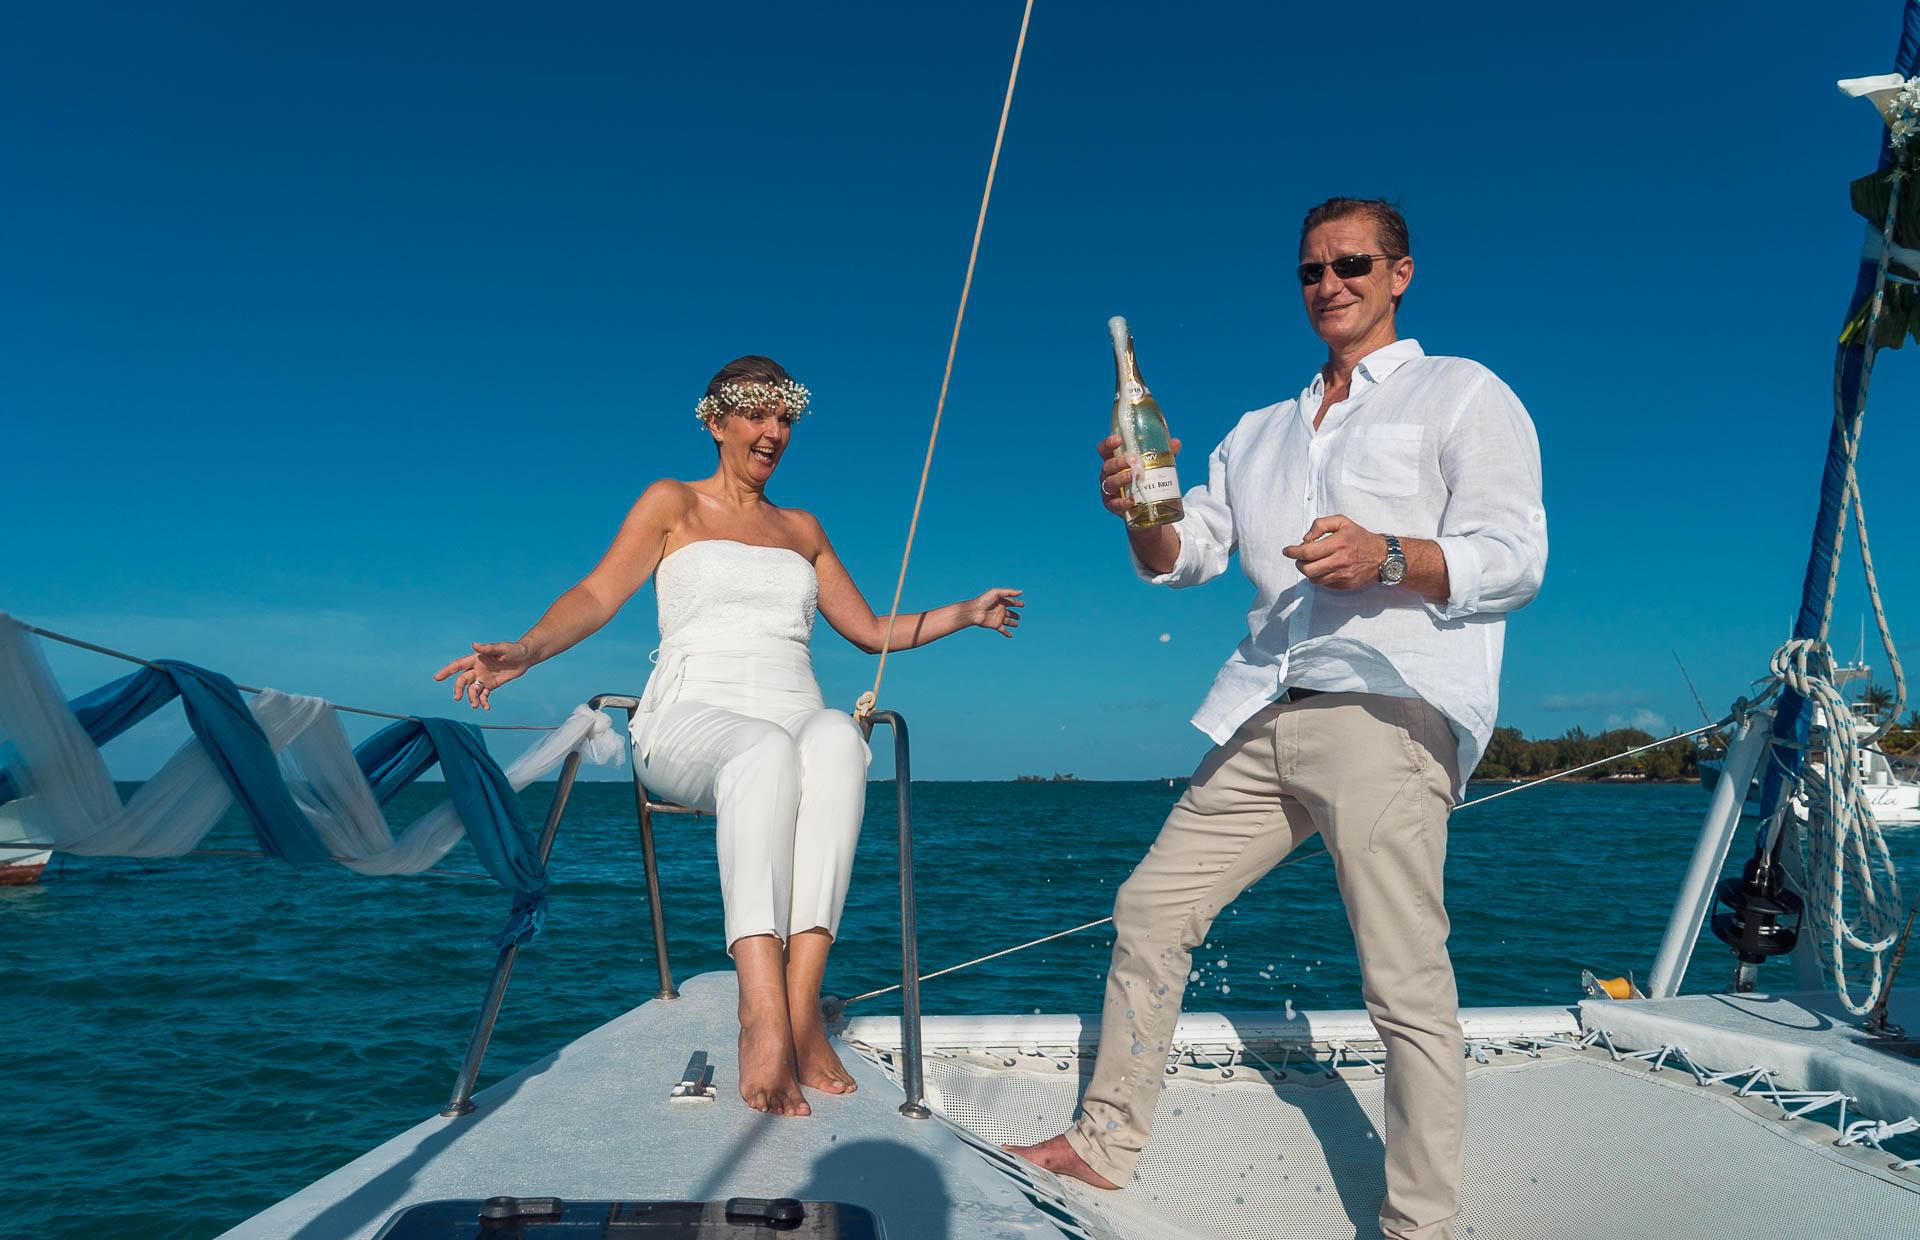 Mauritius Events, Heiraten auf Mauritius